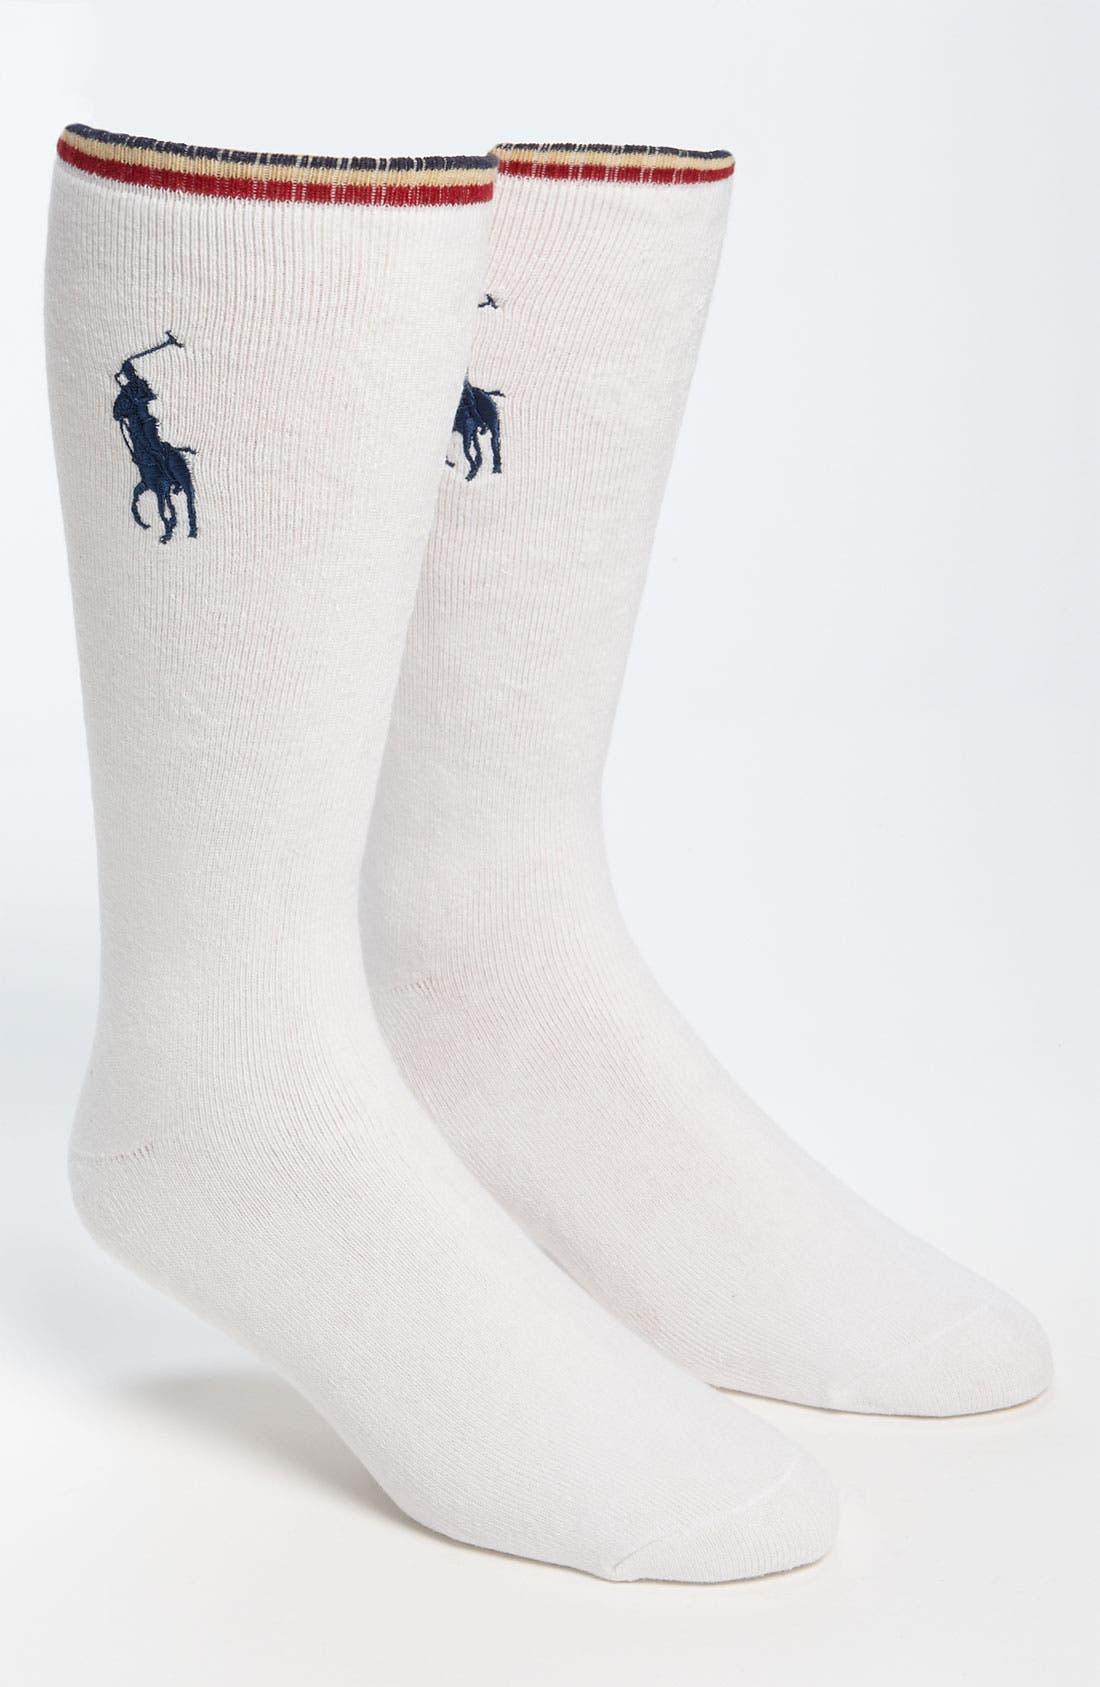 Alternate Image 1 Selected - Polo Ralph Lauren Cushion Socks (2-Pack)